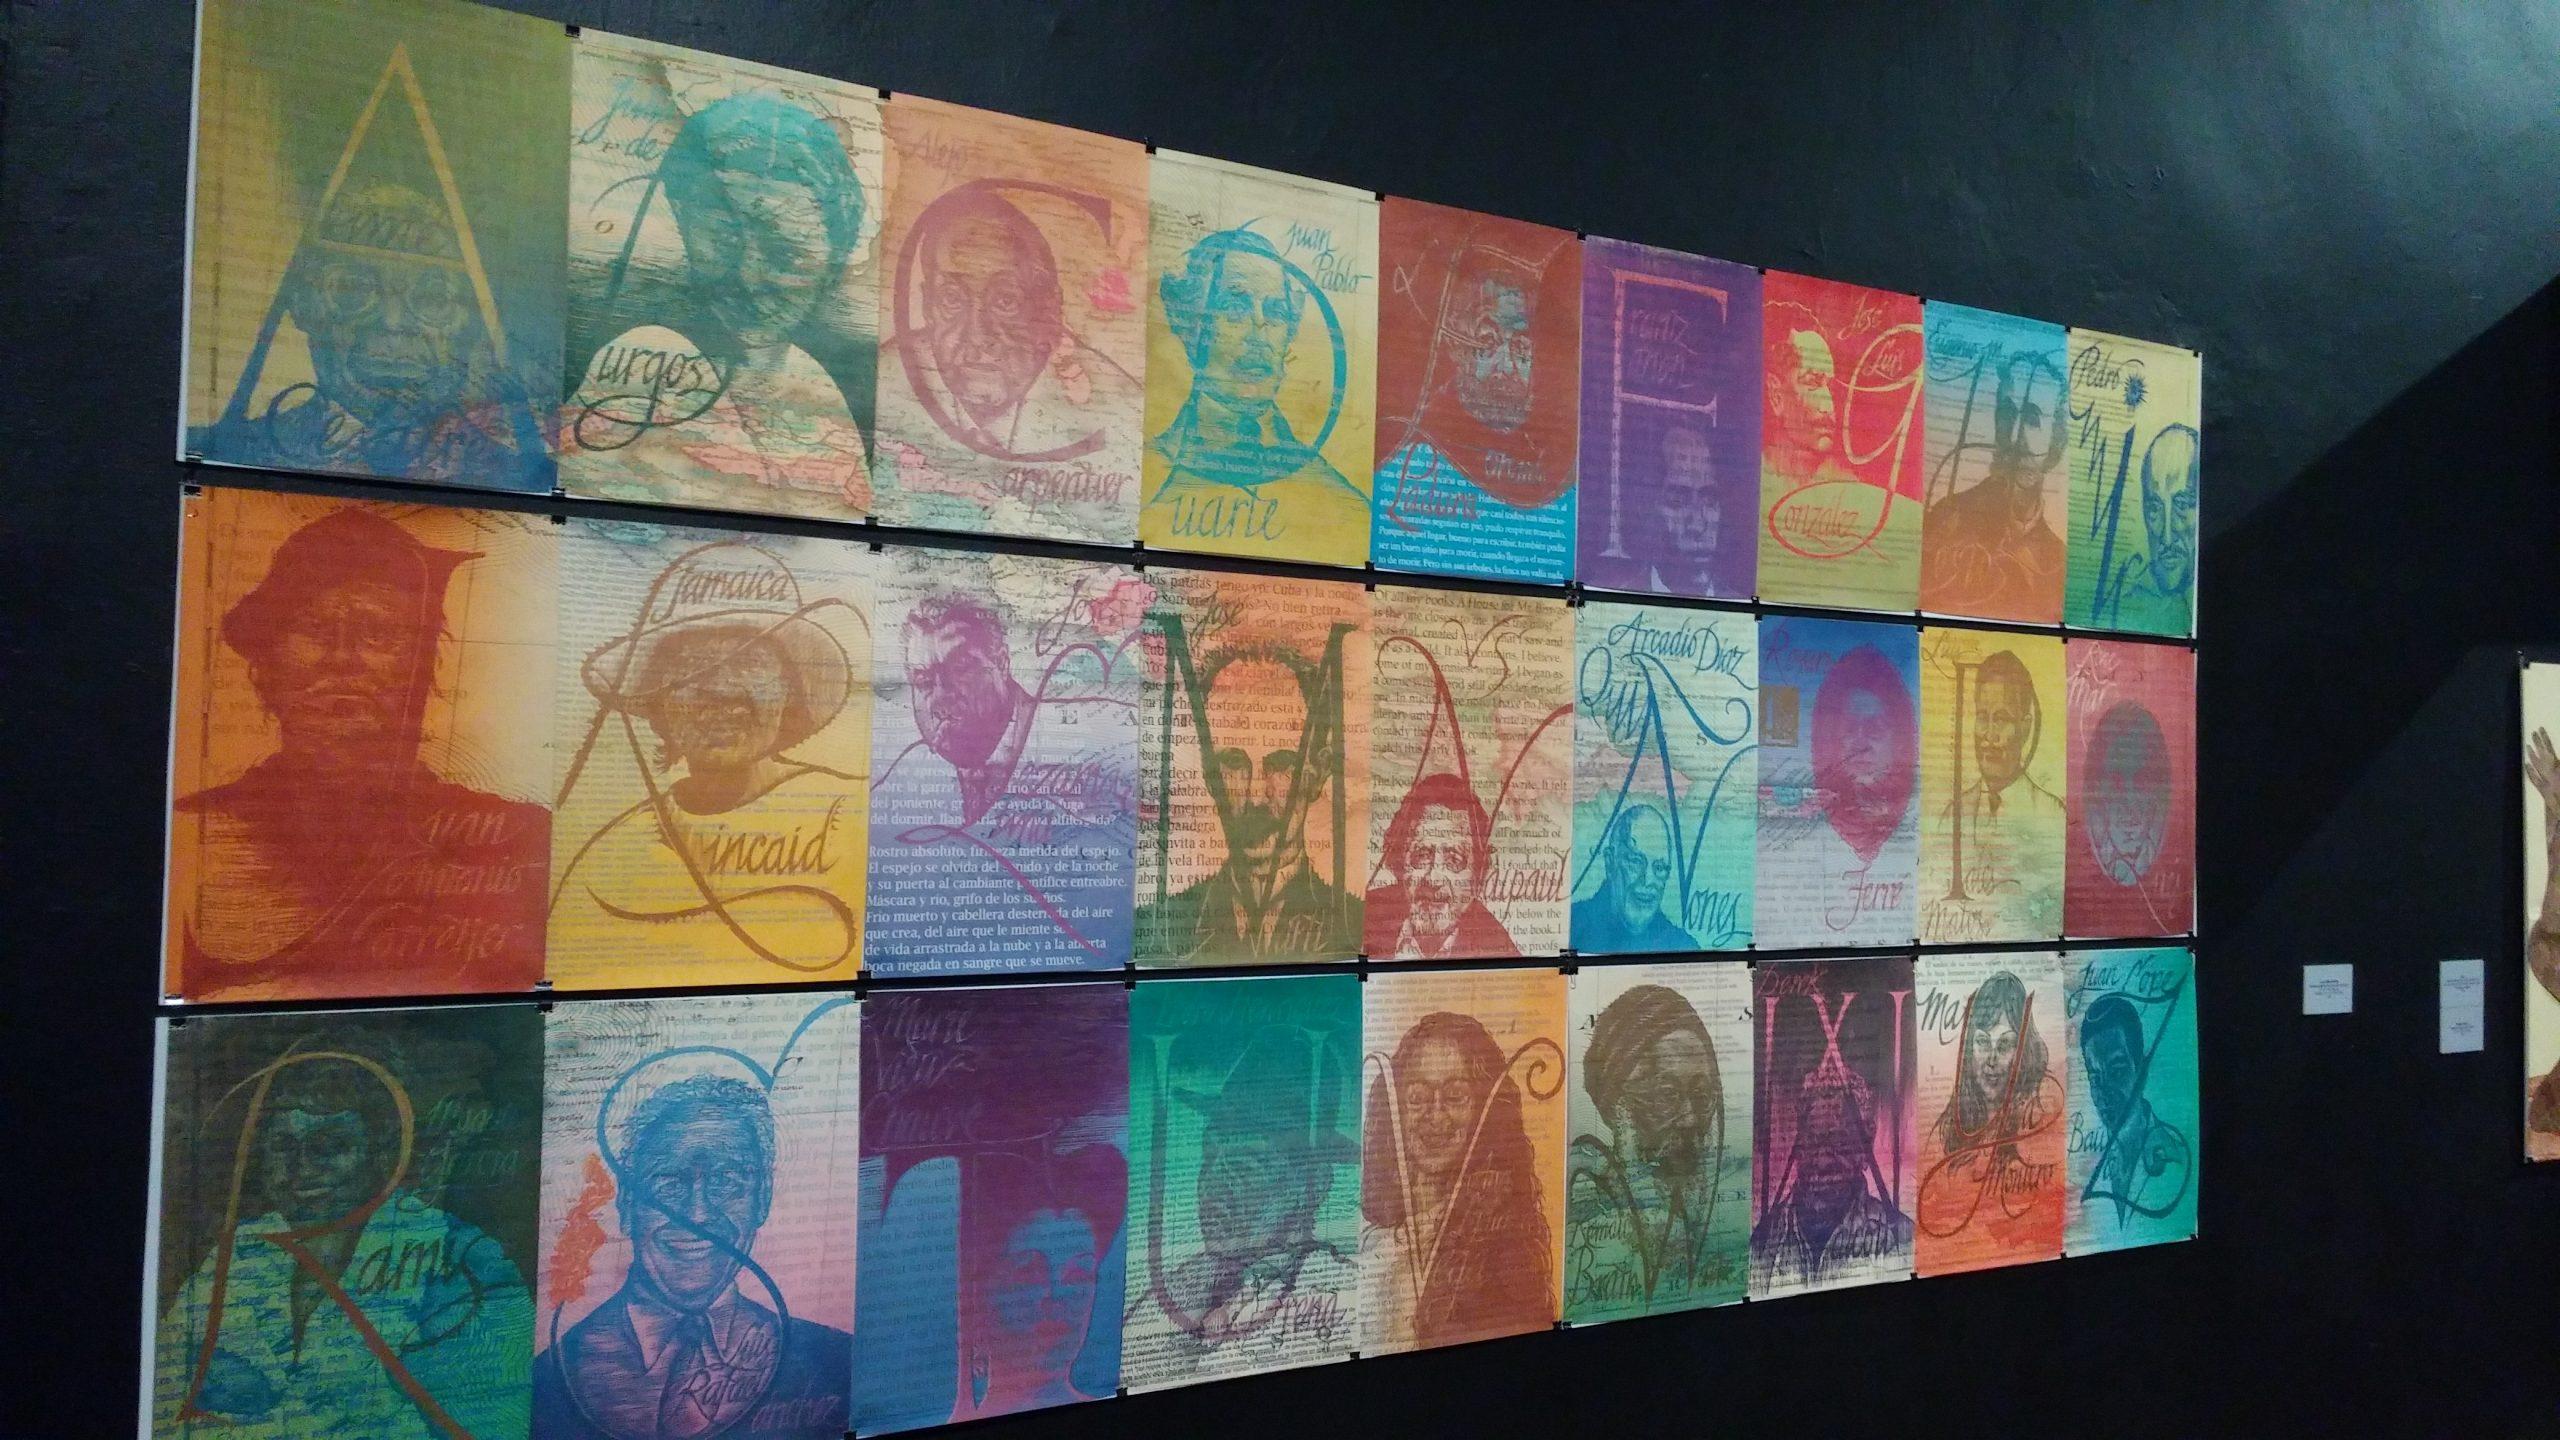 Toma de la pieza 'Las Antillas letradas', xilografía e impresión digital sobre papel de 2013. (Foto Gabriela Ortiz para Fundación Nacional para la Cultura Popular)